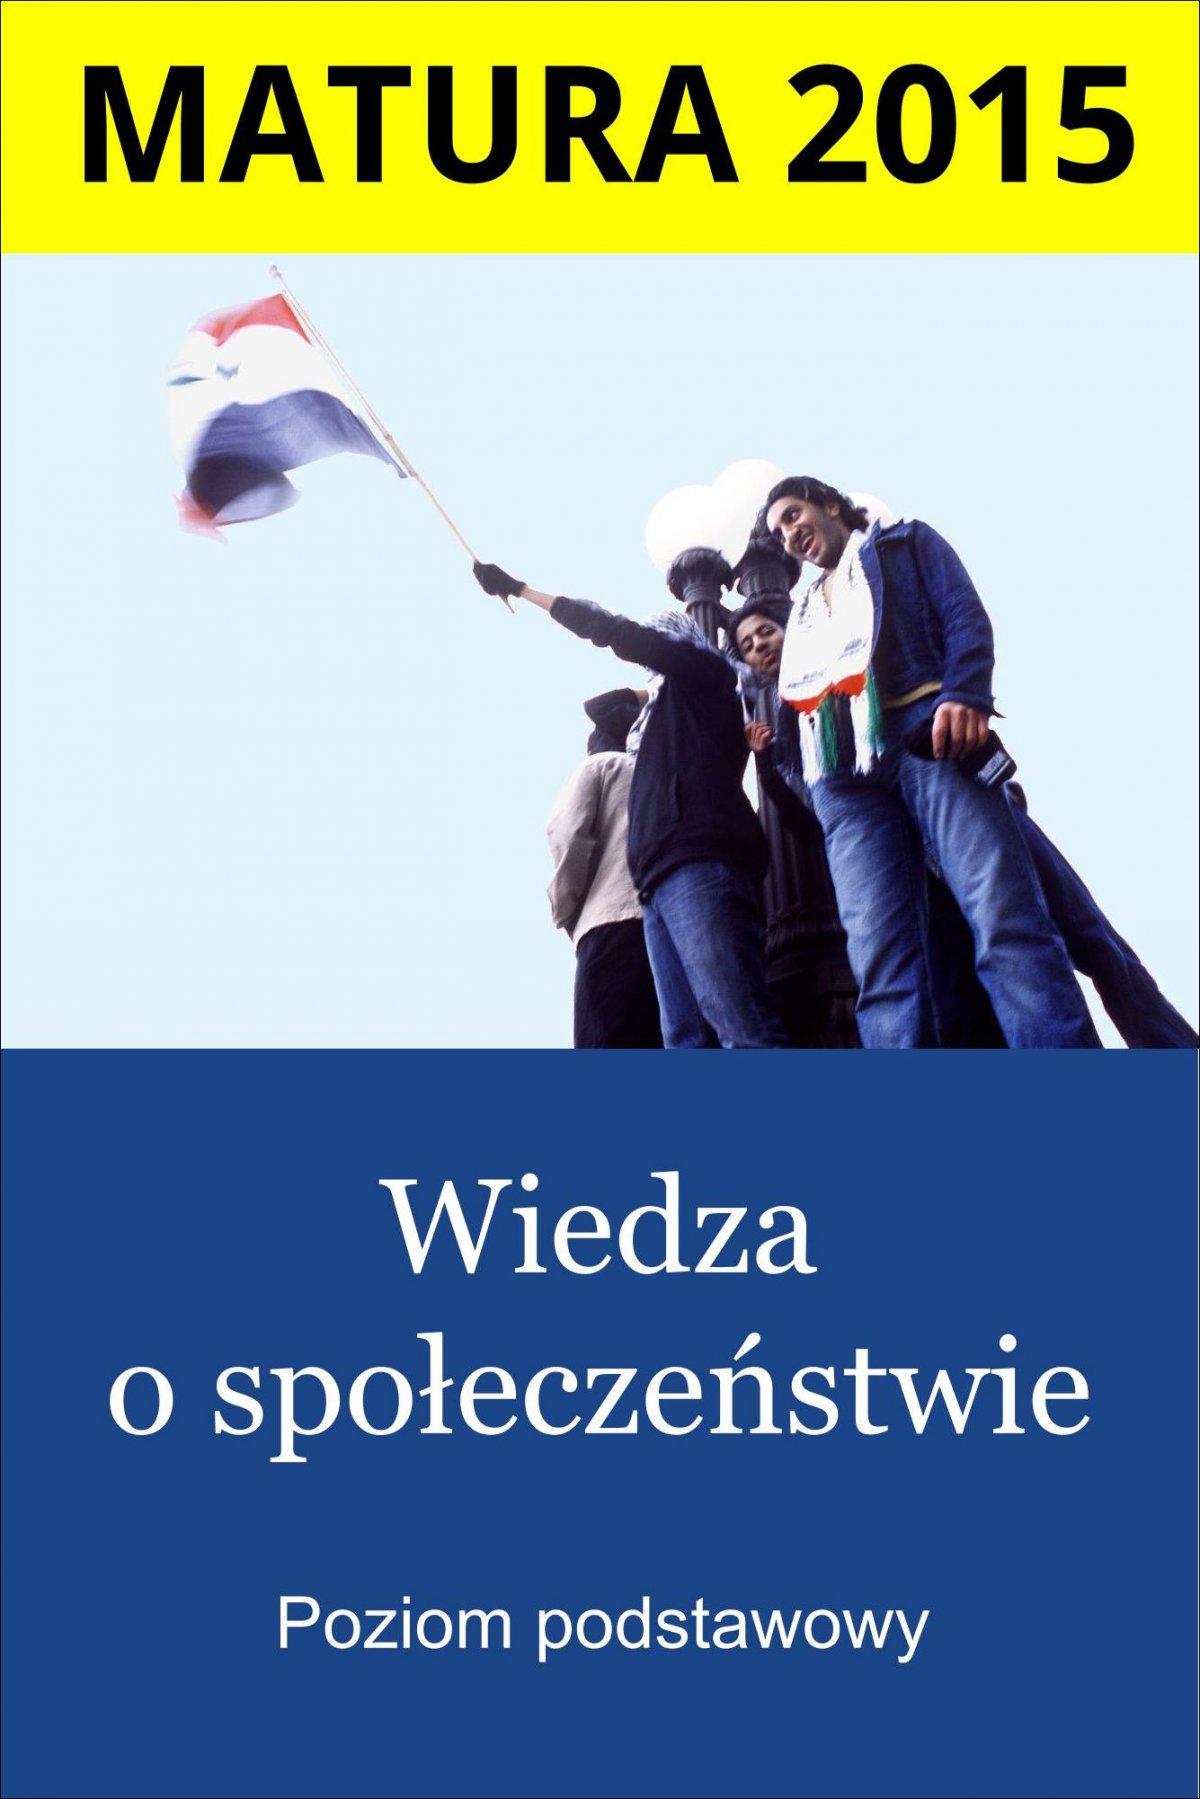 Matura. Wiedza o społeczeństwie. Poziom podstawowy - Ebook (Książka na Kindle) do pobrania w formacie MOBI